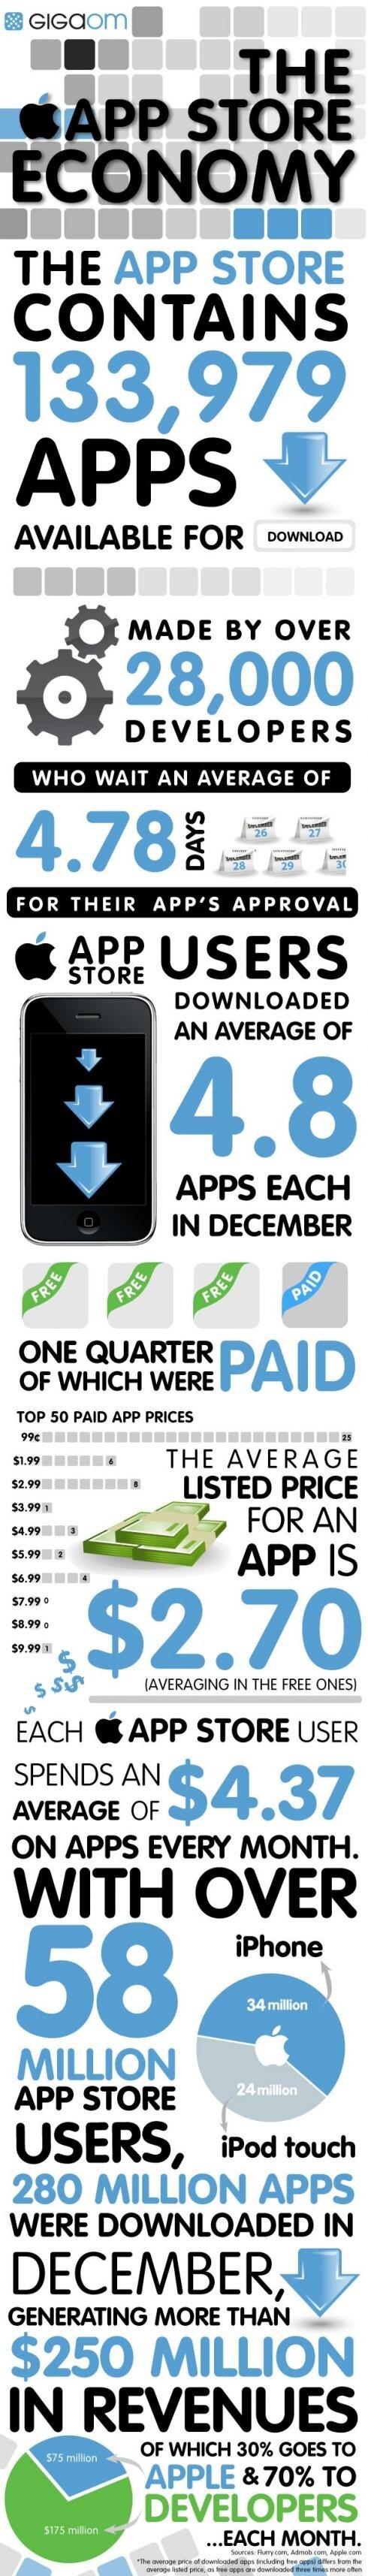 Apple App Store statistiques janvier 2010